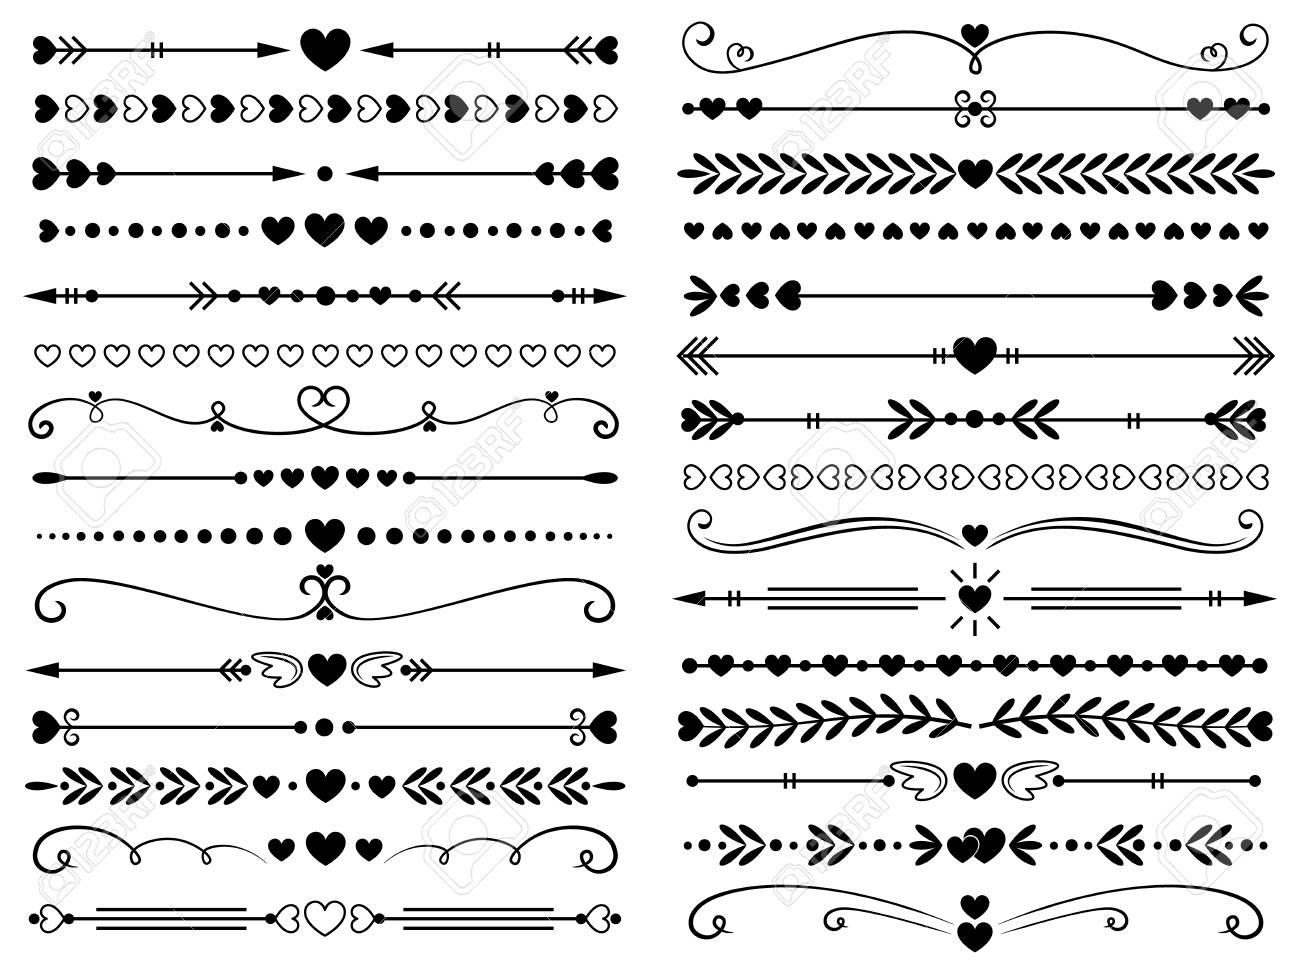 Hearts border divider. Love vintage decorative line separator,..